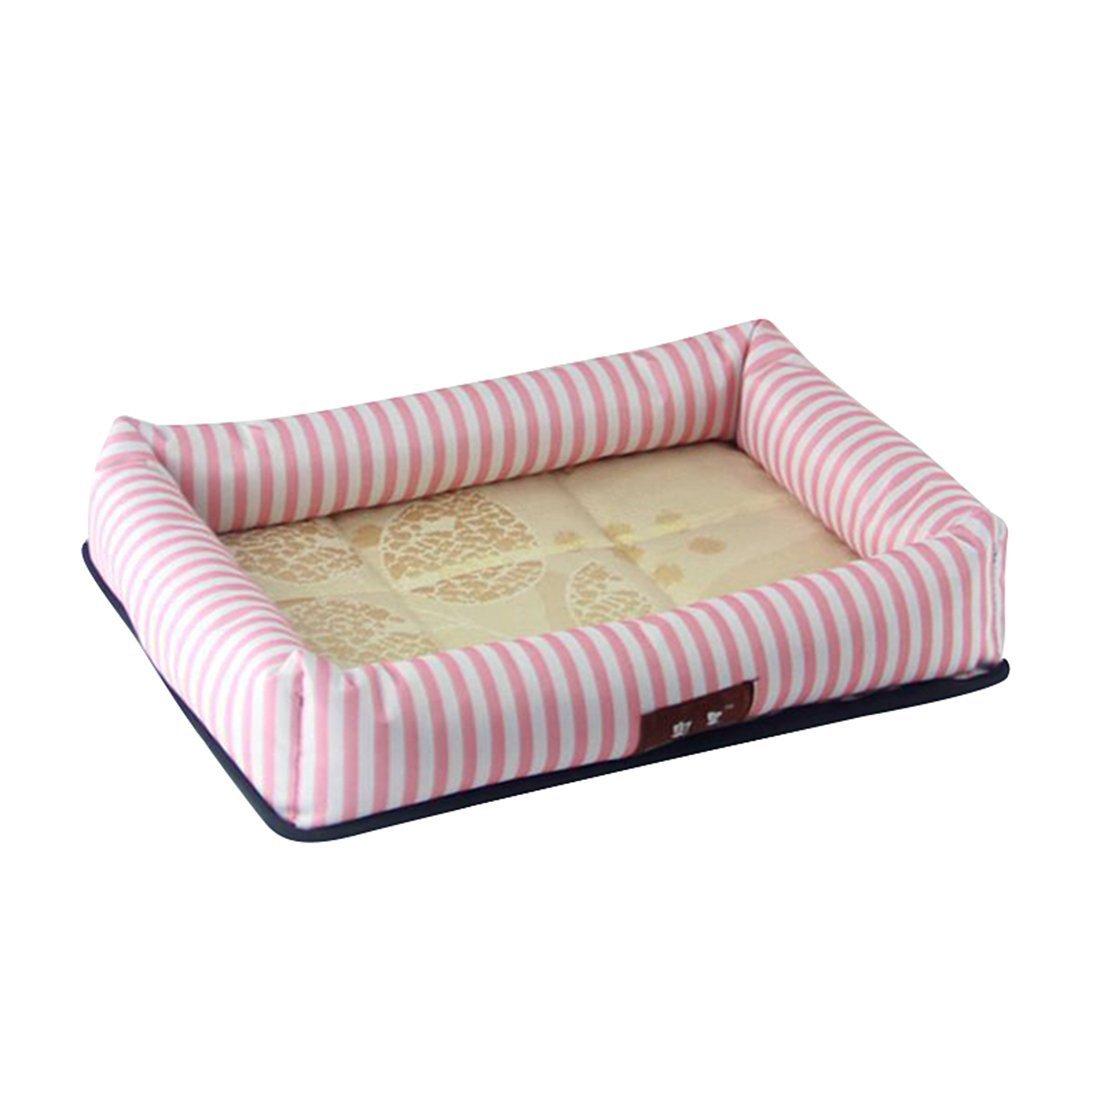 vendite calde Znyo Coperta da Letto per Animali Animali Animali Domestici Letto per Cani Estivo Pet Cooling Sleeping Mat Letto per Gatti Cuscino rosa  per il tuo stile di gioco ai prezzi più bassi